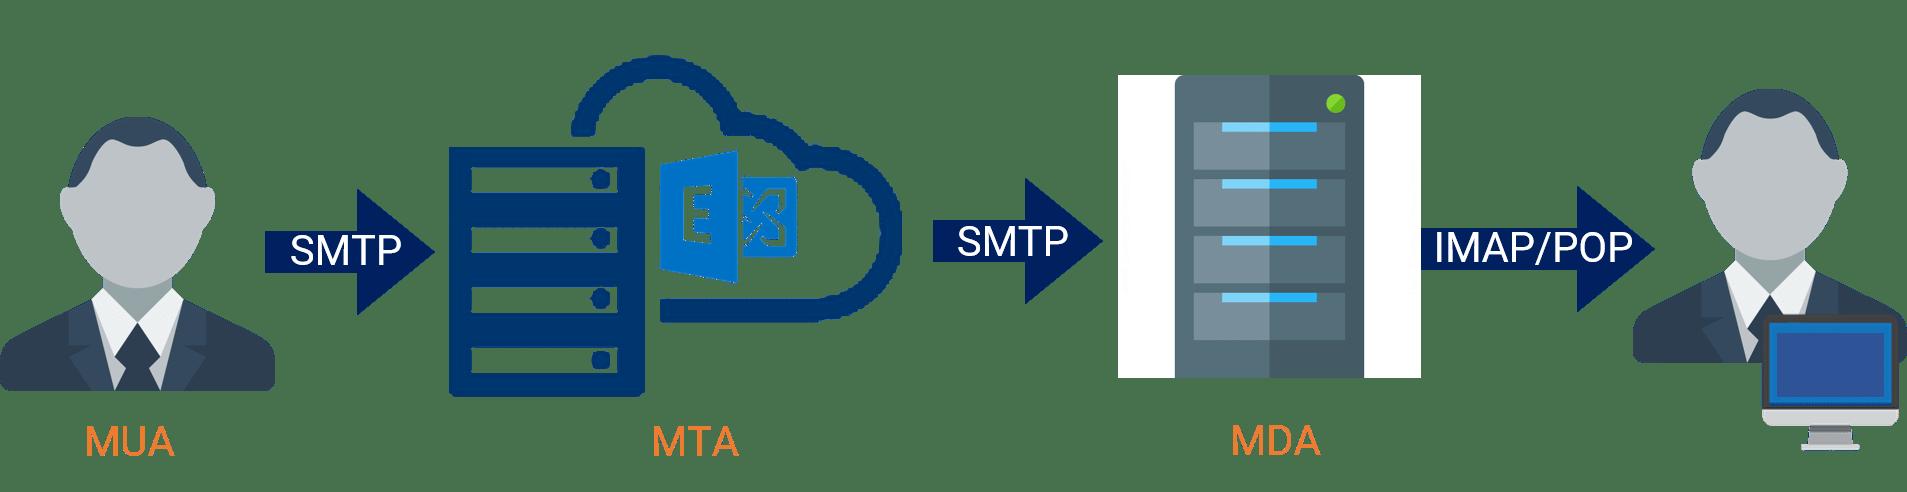 Fonctionnement serveur de messagerie exchange server protocole IMAP et SMTP